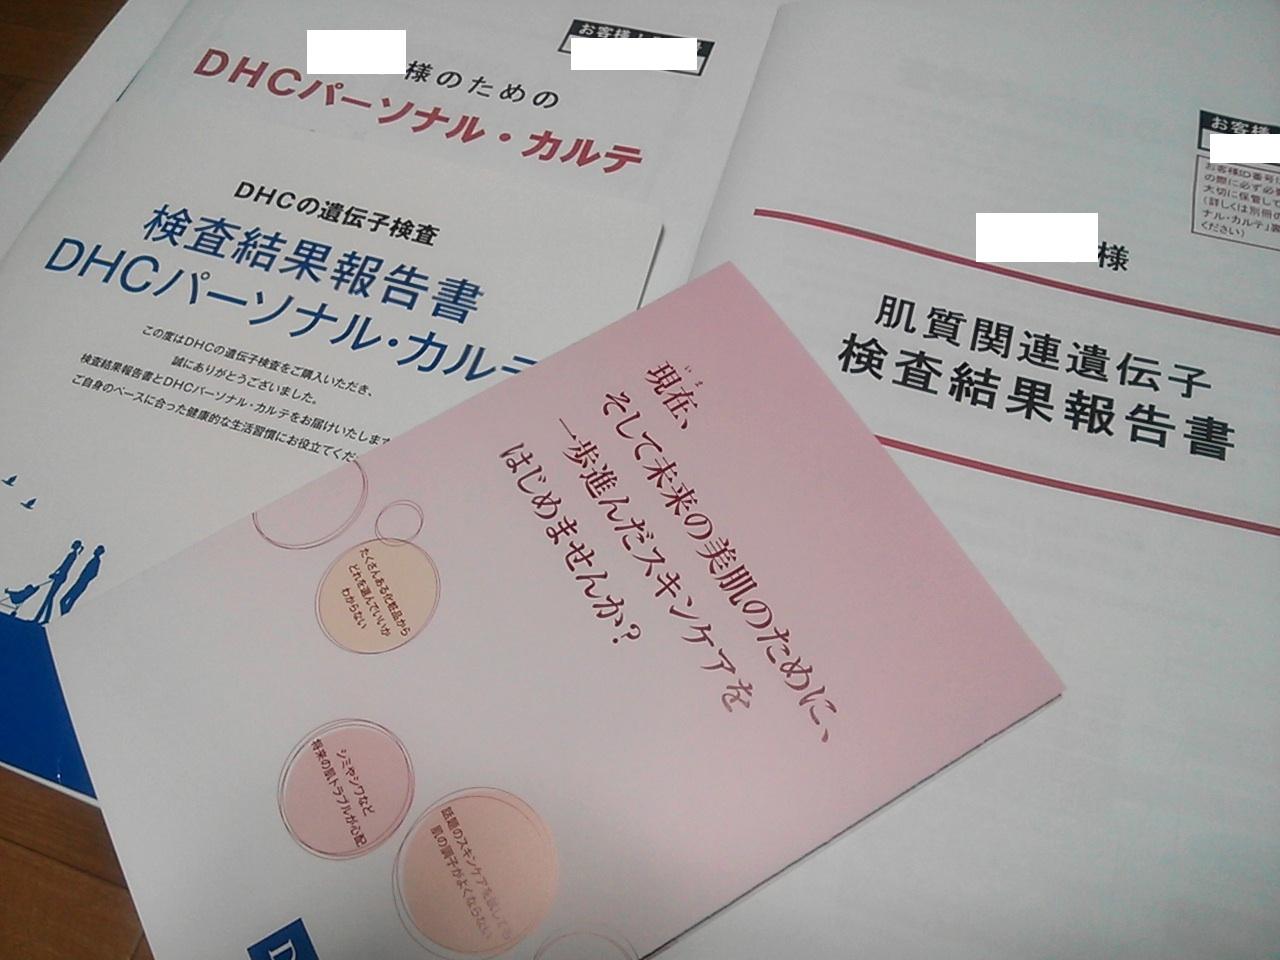 2012-07-05 21.01.59_編集.jpg